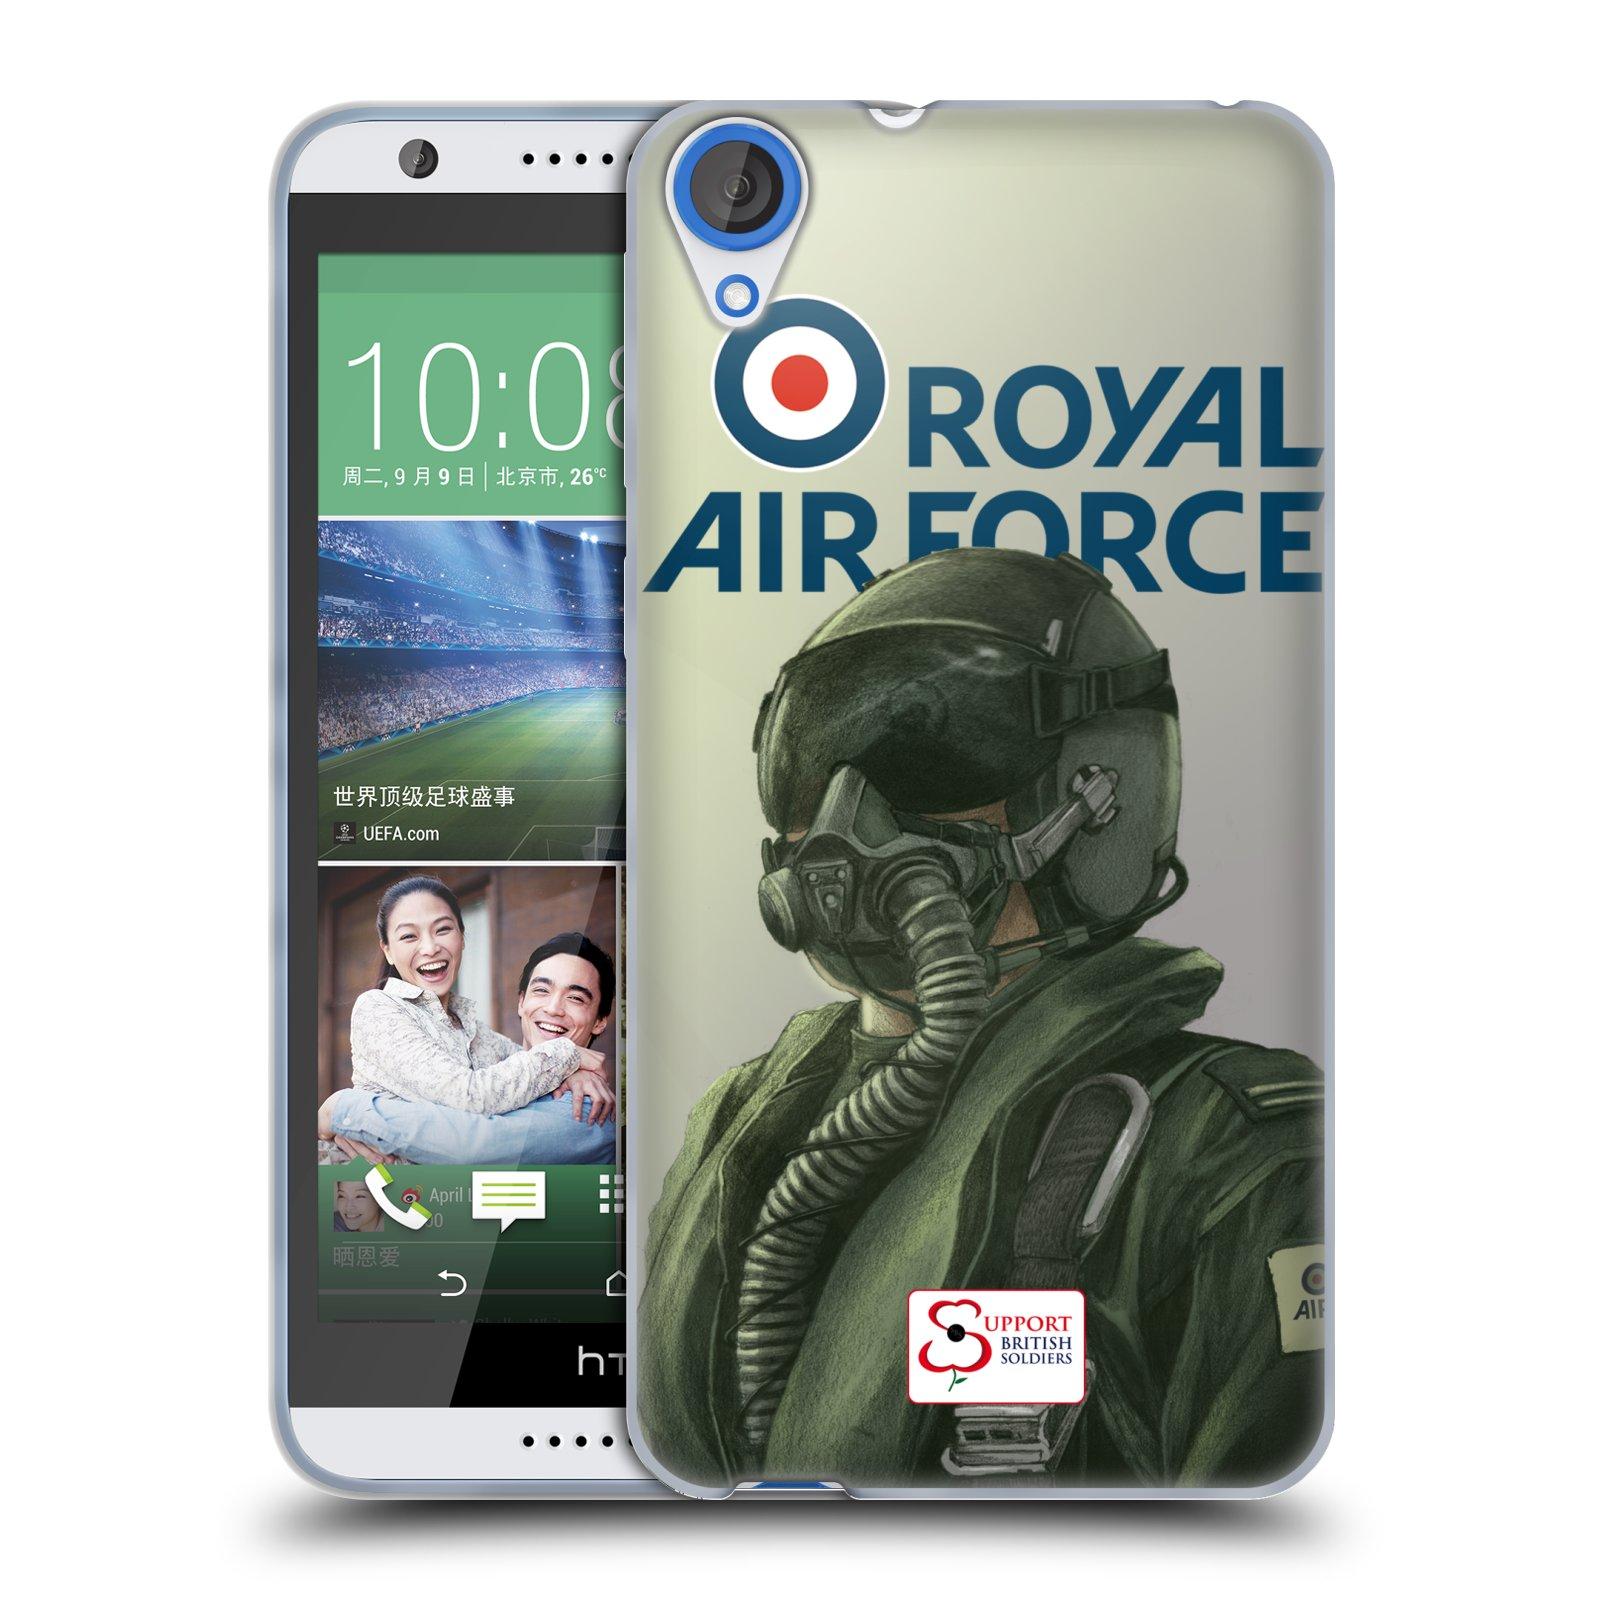 Silikonové pouzdro na mobil HTC Desire 820 HEAD CASE Royal Air Force (Silikonový kryt či obal na mobilní telefon HTC Desire 820)